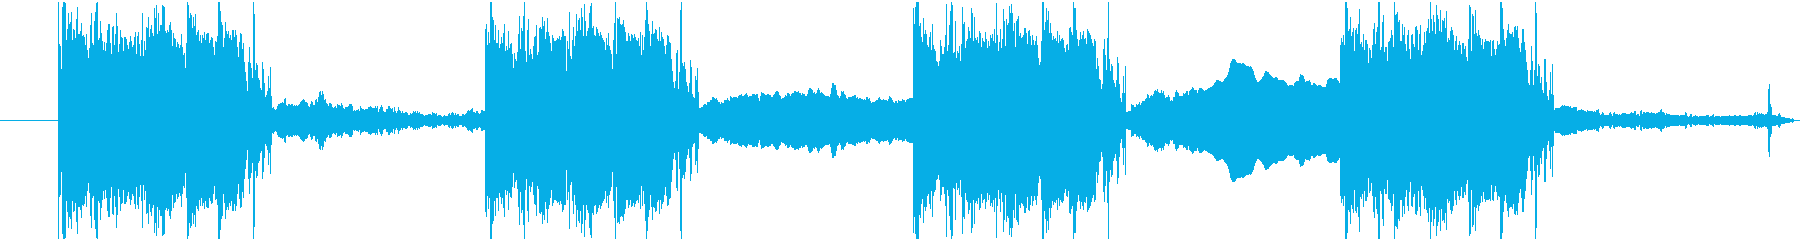 かわいくて怖いショートBGMの再生済みの波形